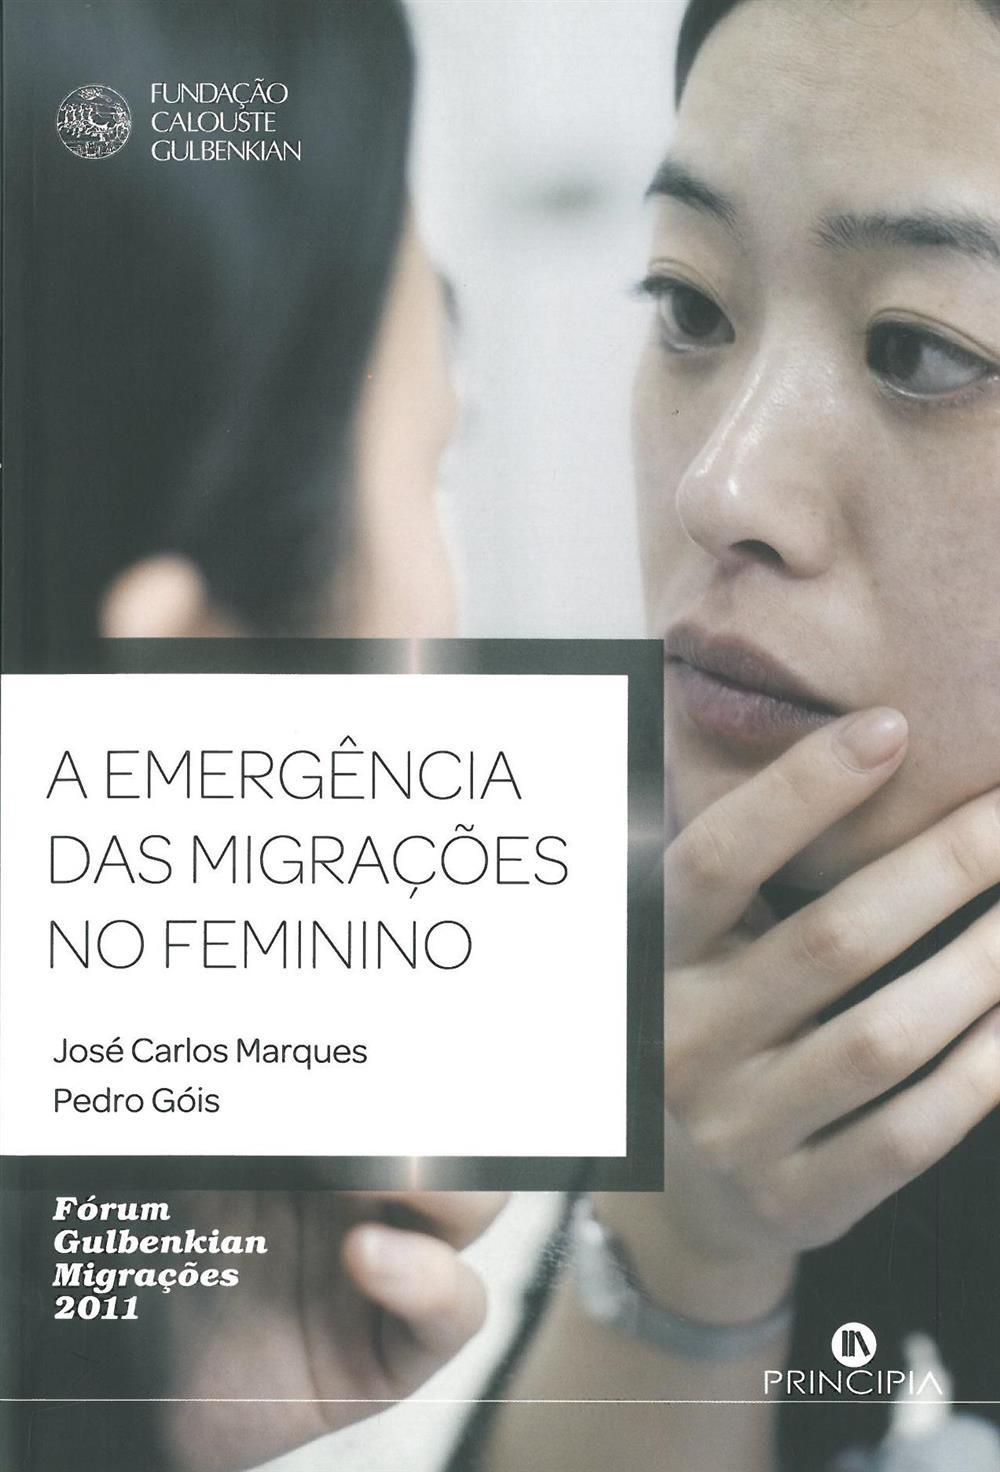 A emergência das migrações no feminino_.jpg